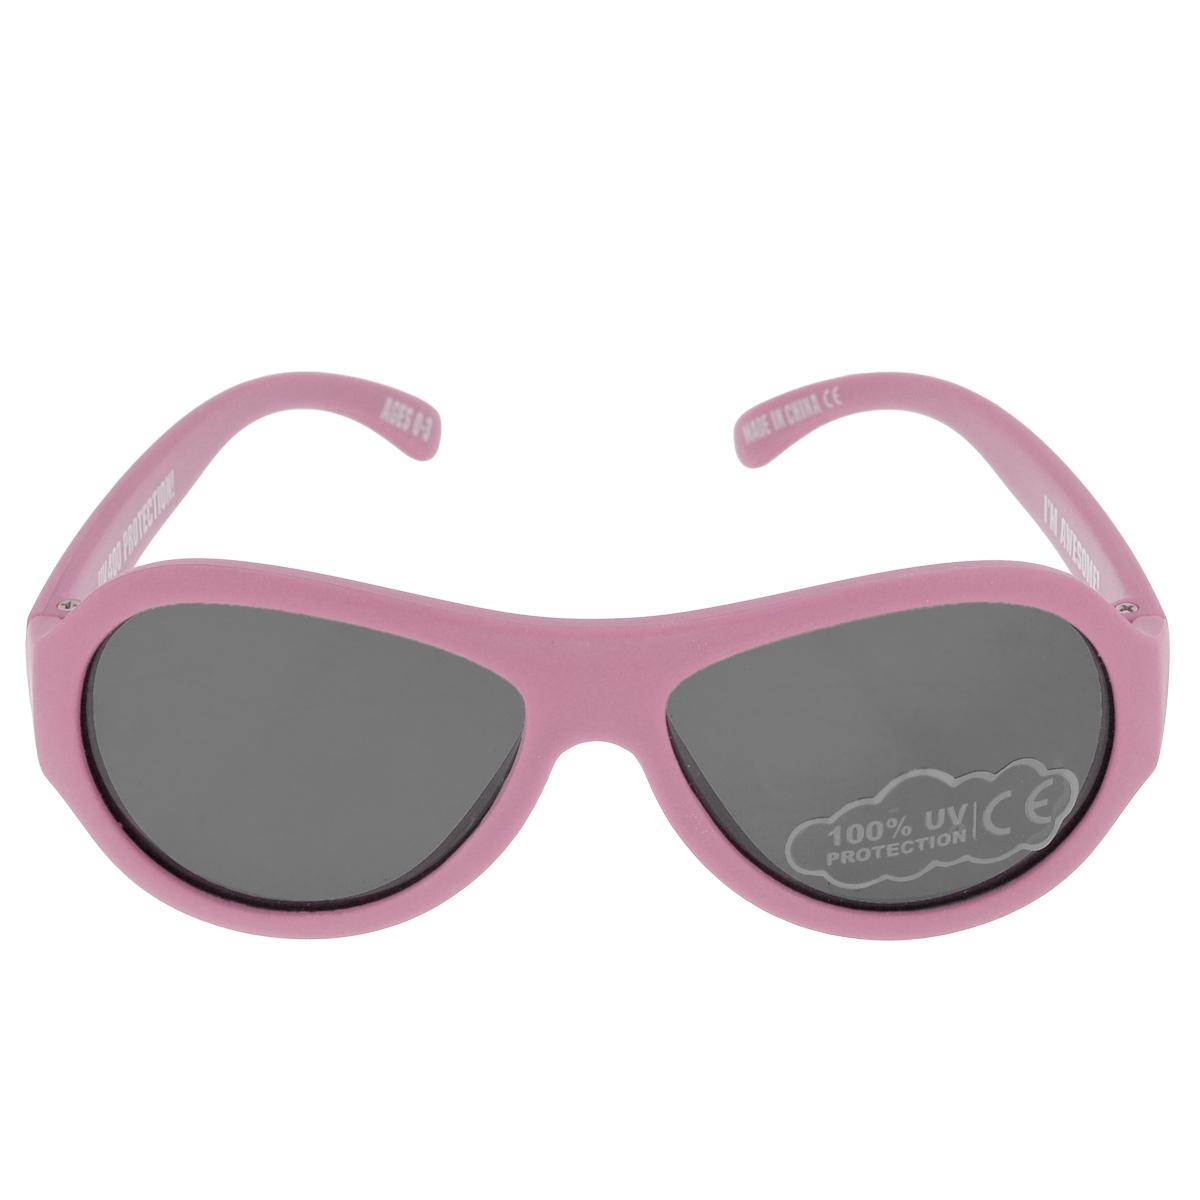 Детские солнцезащитные очки Babiators Принцесса (Princess), цвет: розовый, 0-3 летBAB-004Вы делаете все возможное, чтобы ваши дети были здоровы и в безопасности. Шлемы для езды на велосипеде, солнцезащитный крем для прогулок на солнце... Но как насчёт влияния солнца на глаза вашего ребёнка? Правда в том, что сетчатка глаза у детей развивается вместе с самим ребёнком. Это означает, что глаза малышей не могут отфильтровать УФ-излучение. Проблема понятна - детям нужна настоящая защита, чтобы глазки были в безопасности, а зрение сильным. Каждая пара солнцезащитных очков Babiators для детей обеспечивает 100% защиту от UVA и UVB. Прочные линзы высшего качества не подведут в самых сложных переделках. В отличие от обычных пластиковых очков, оправа Babiators выполнена из гибкого прорезиненного материала, что делает их ударопрочными, их можно сгибать и крутить - они не сломаются и вернутся в прежнюю форму. Не бойтесь, что ребёнок сядет на них - они всё выдержат. Будьте уверены, что очки Babiators созданы безопасными, прочными и классными, так что вы и ваш ребенок можете...